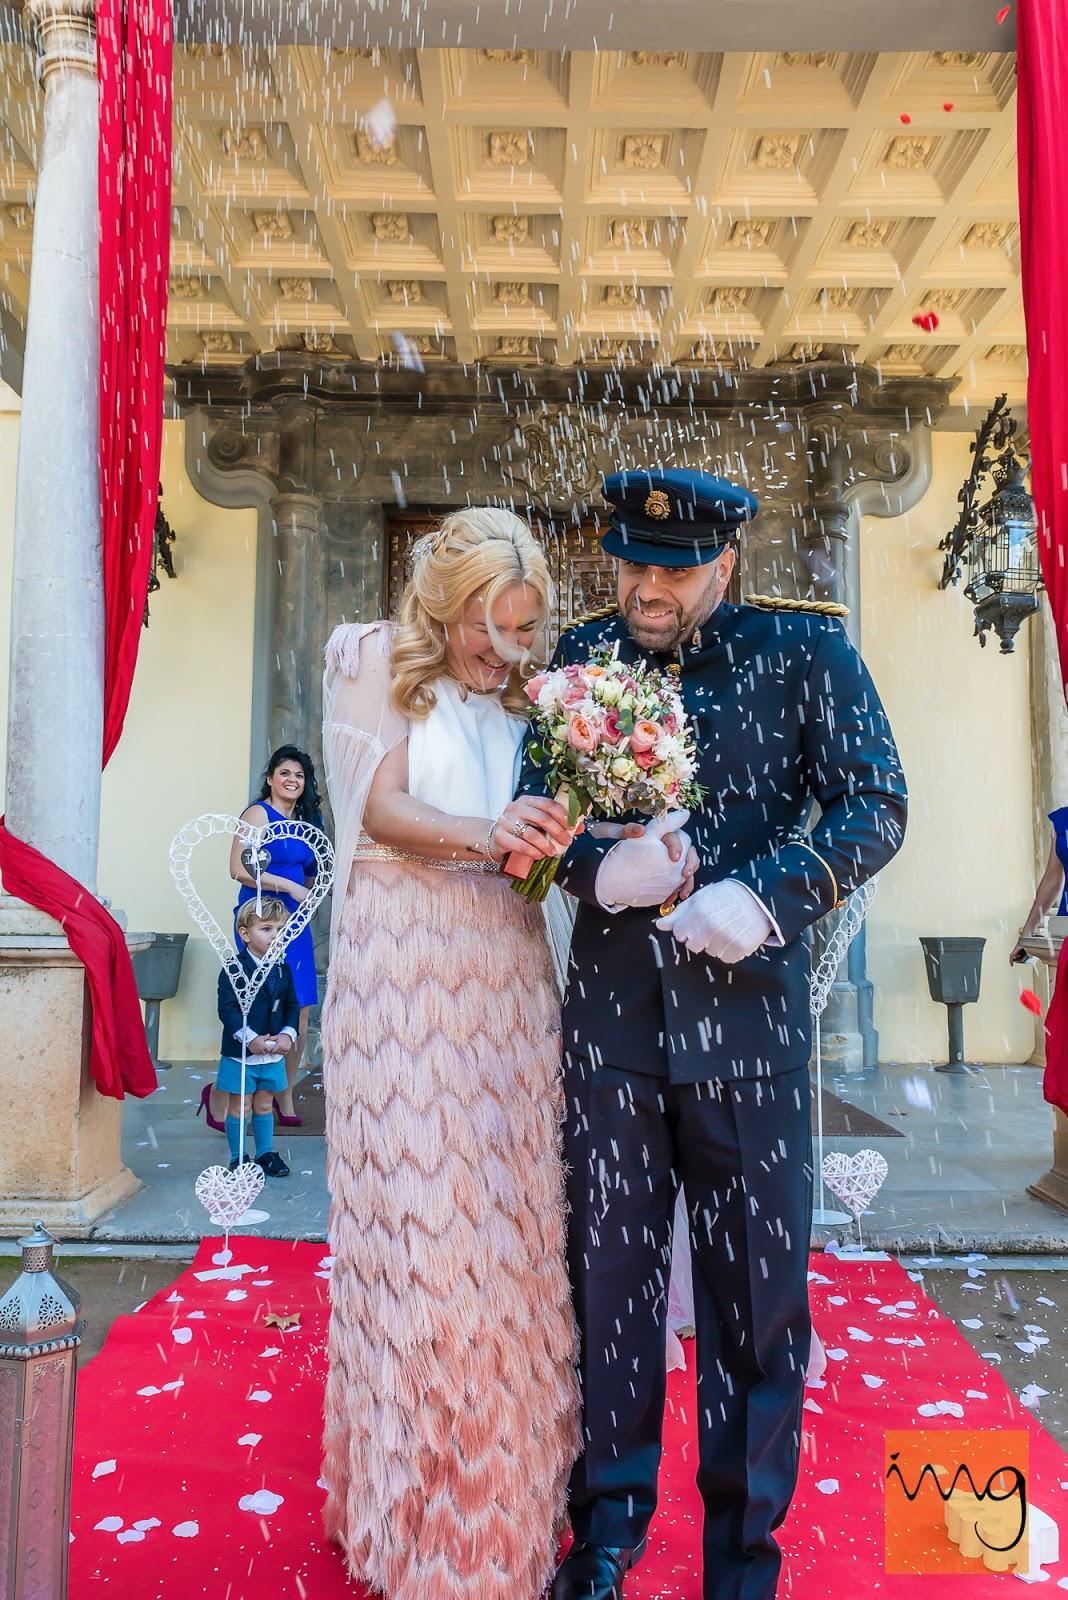 Fotografía de boda. Momento del arroz y el confeti.